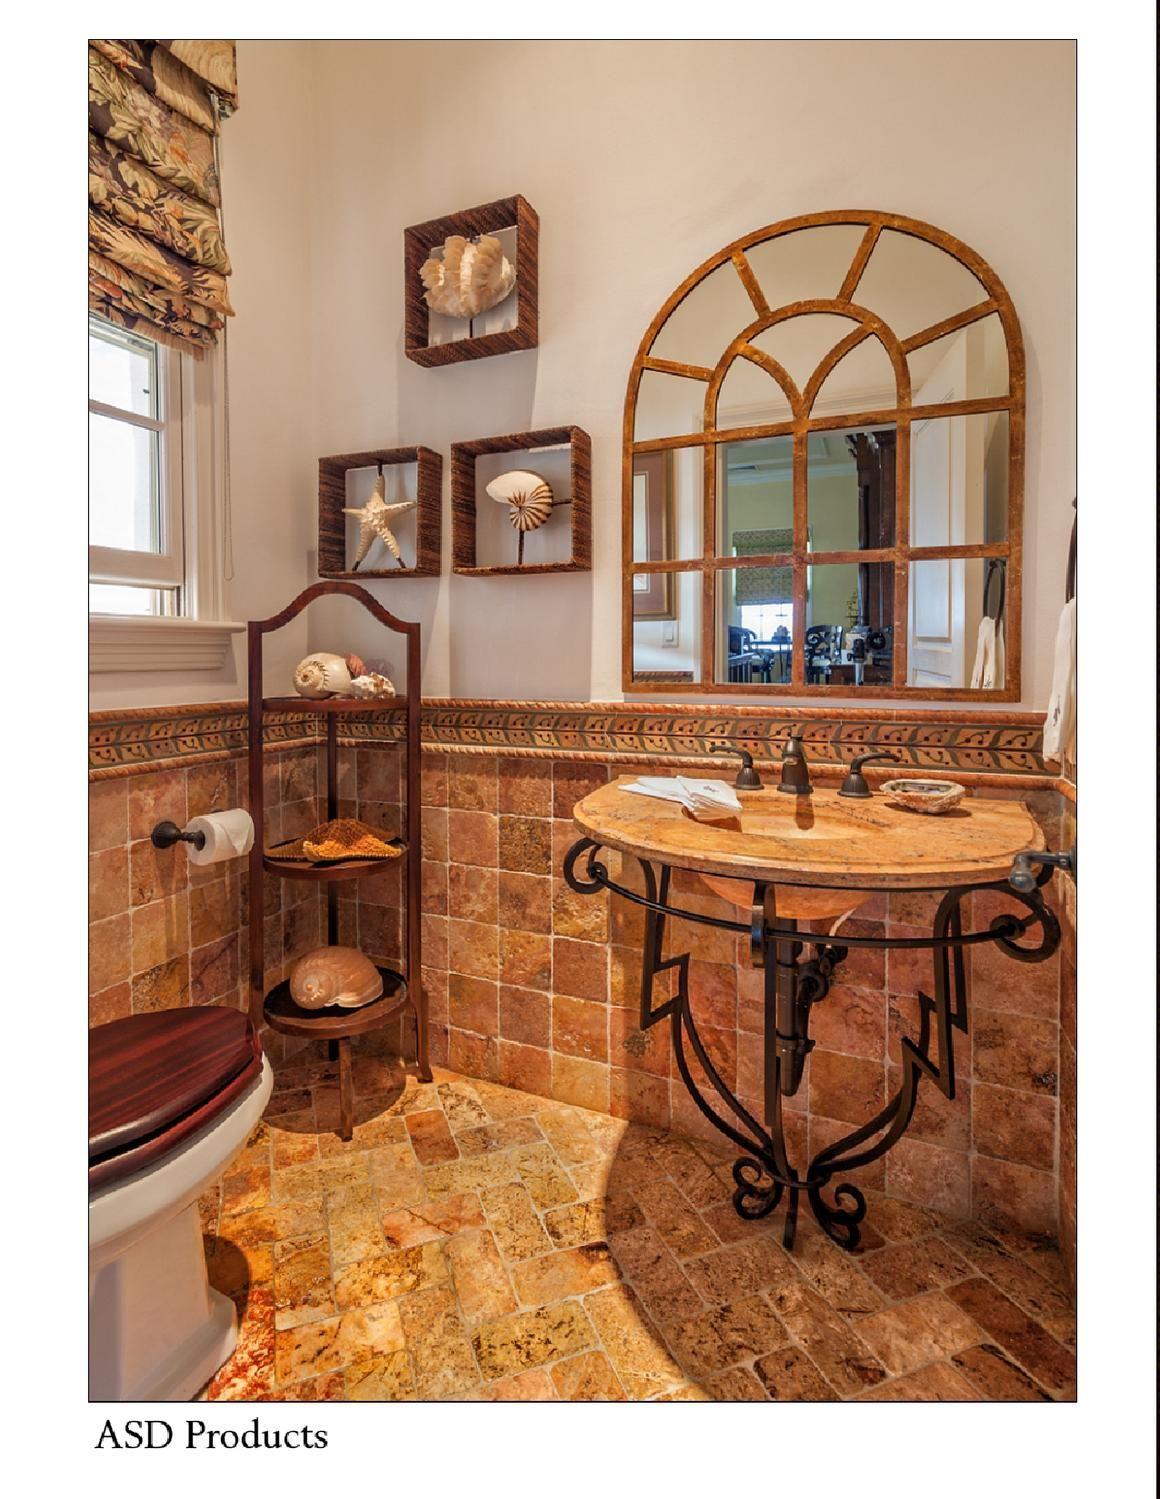 Florida Designer Homes Magazine Vol 2, No 8 | Pinterest | Magazines ...